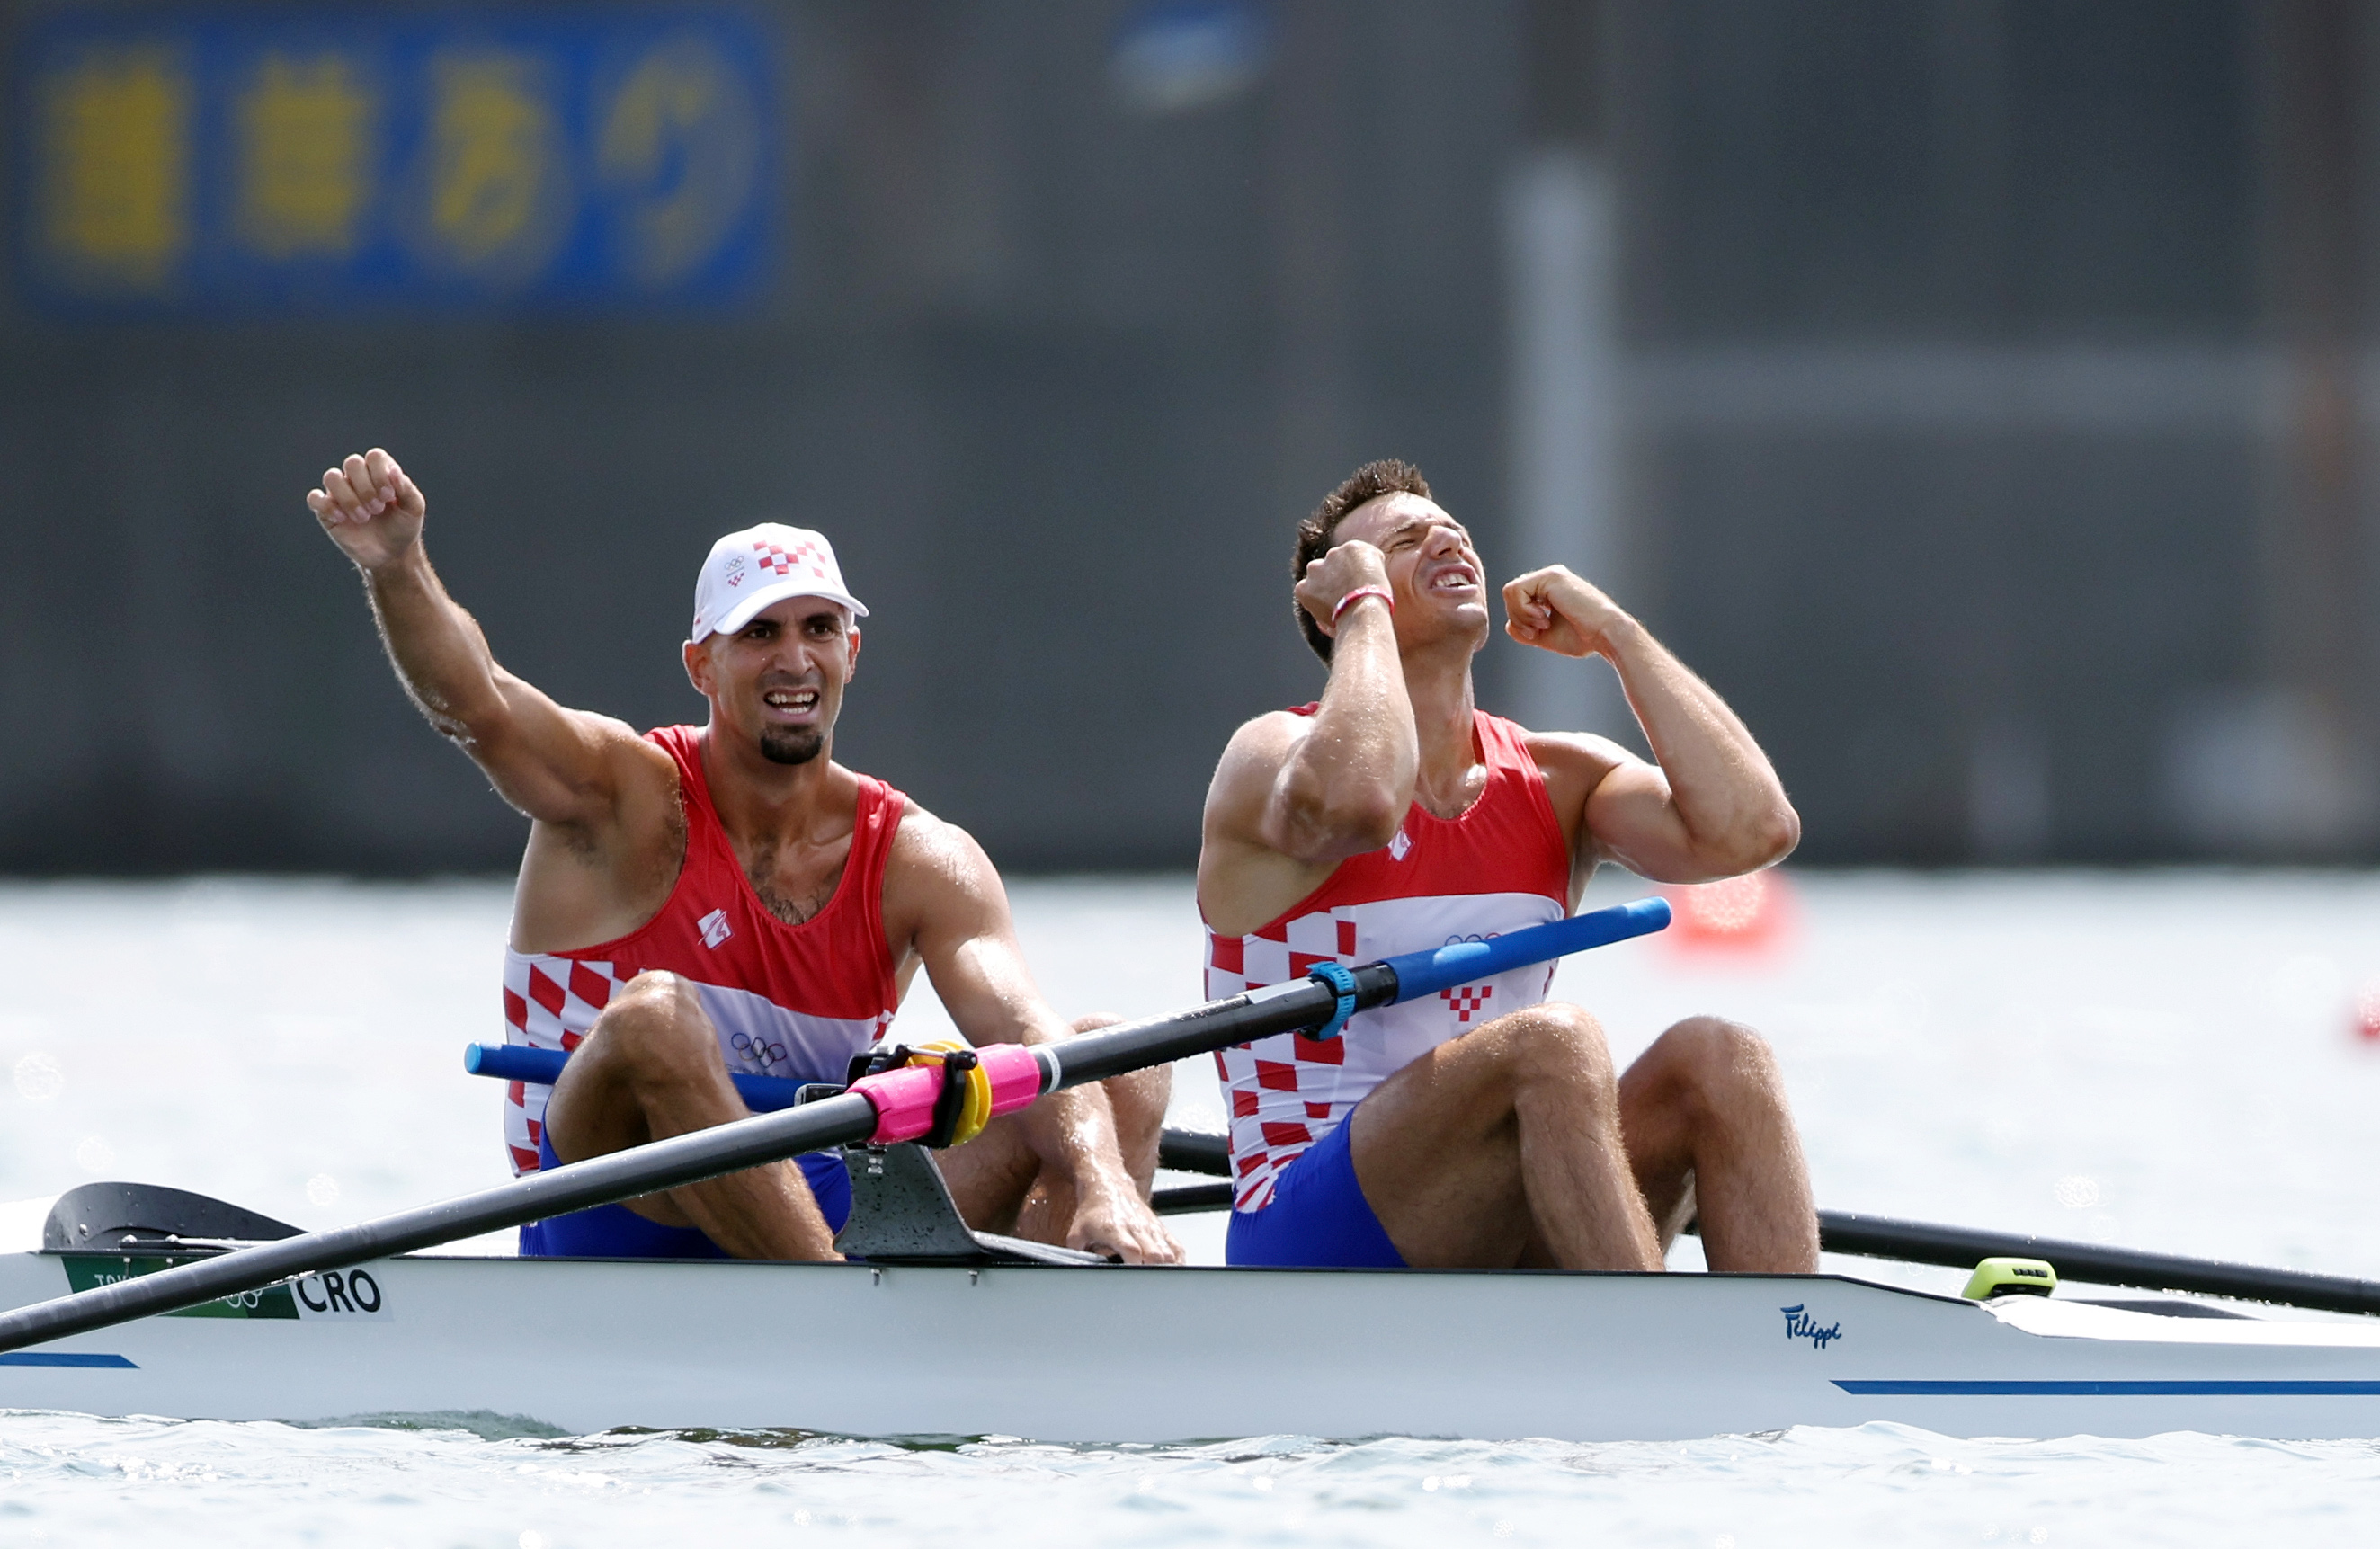 TOKIO 2020: Braća Sinković osvojili zlatnu Olimpijsku medalju